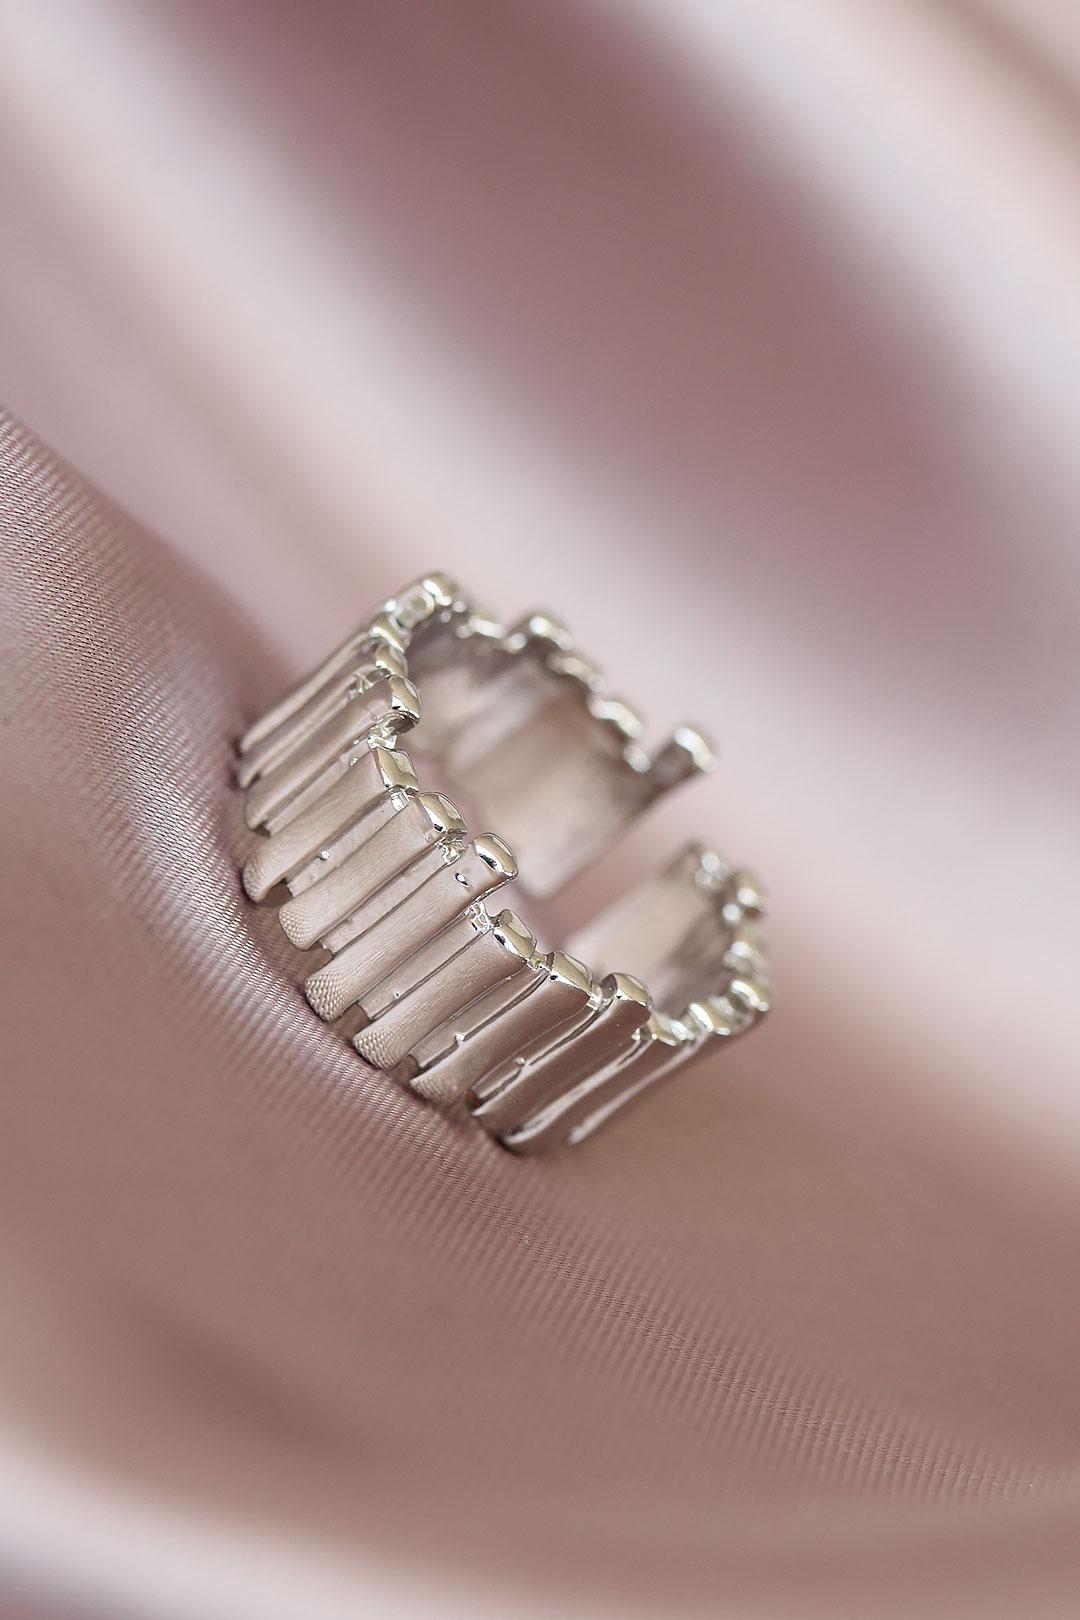 Metal Gümüş Renk Ayarlamalı Kadın Yüzük